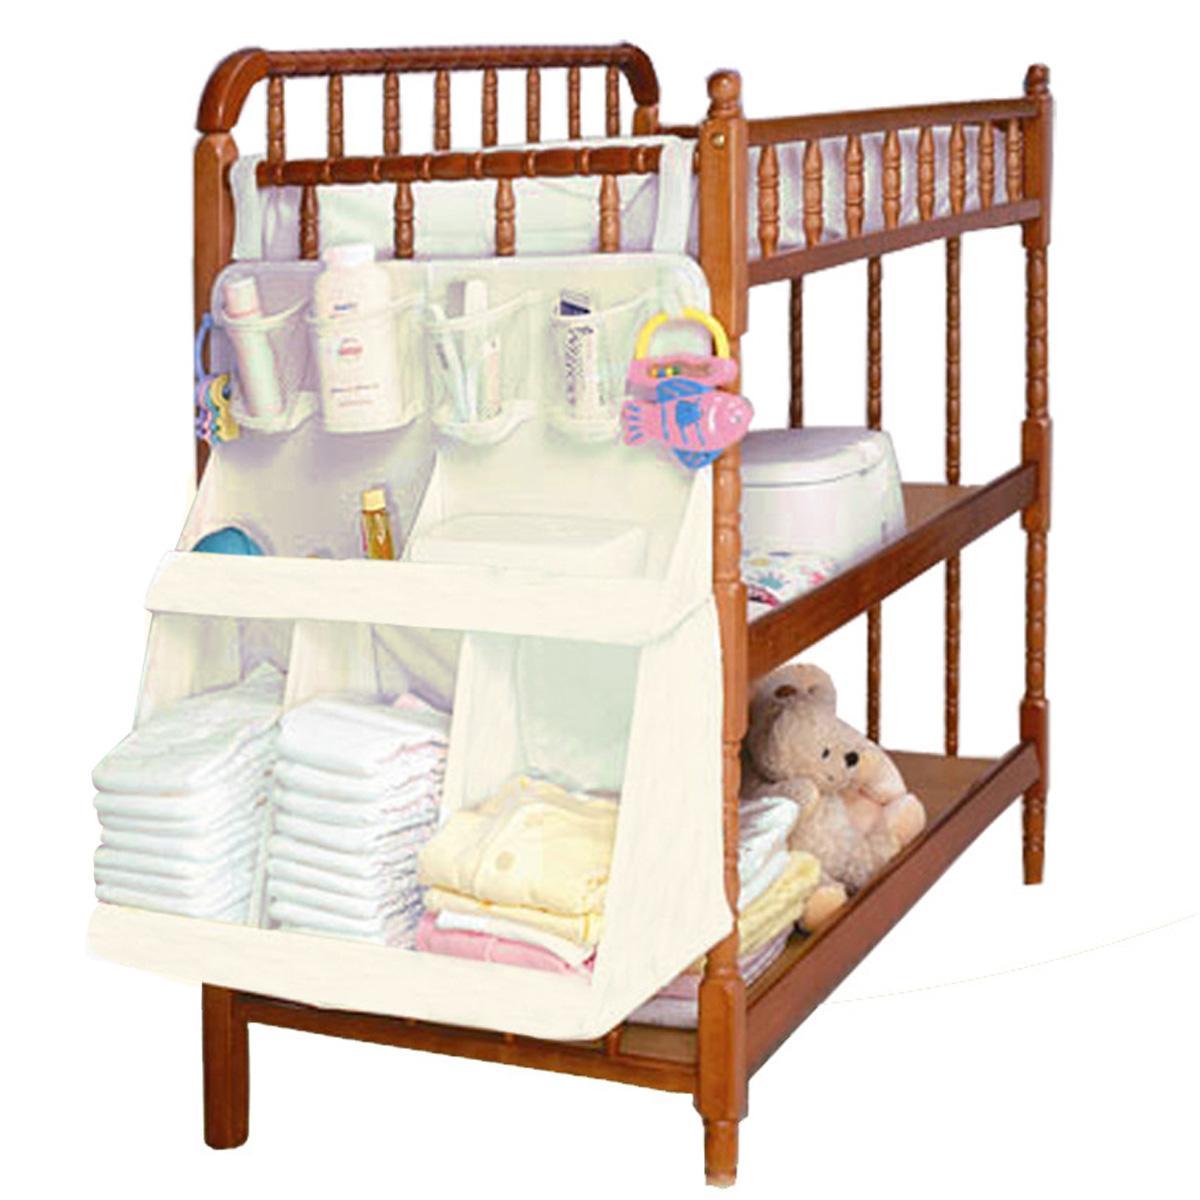 حفاضات الطفل الفراش مجموعة اكسسوارات للماء السرير المنظم الطفل سرير الطفل السرير شنقا حقيبة التخزين المحمولة حقيبة